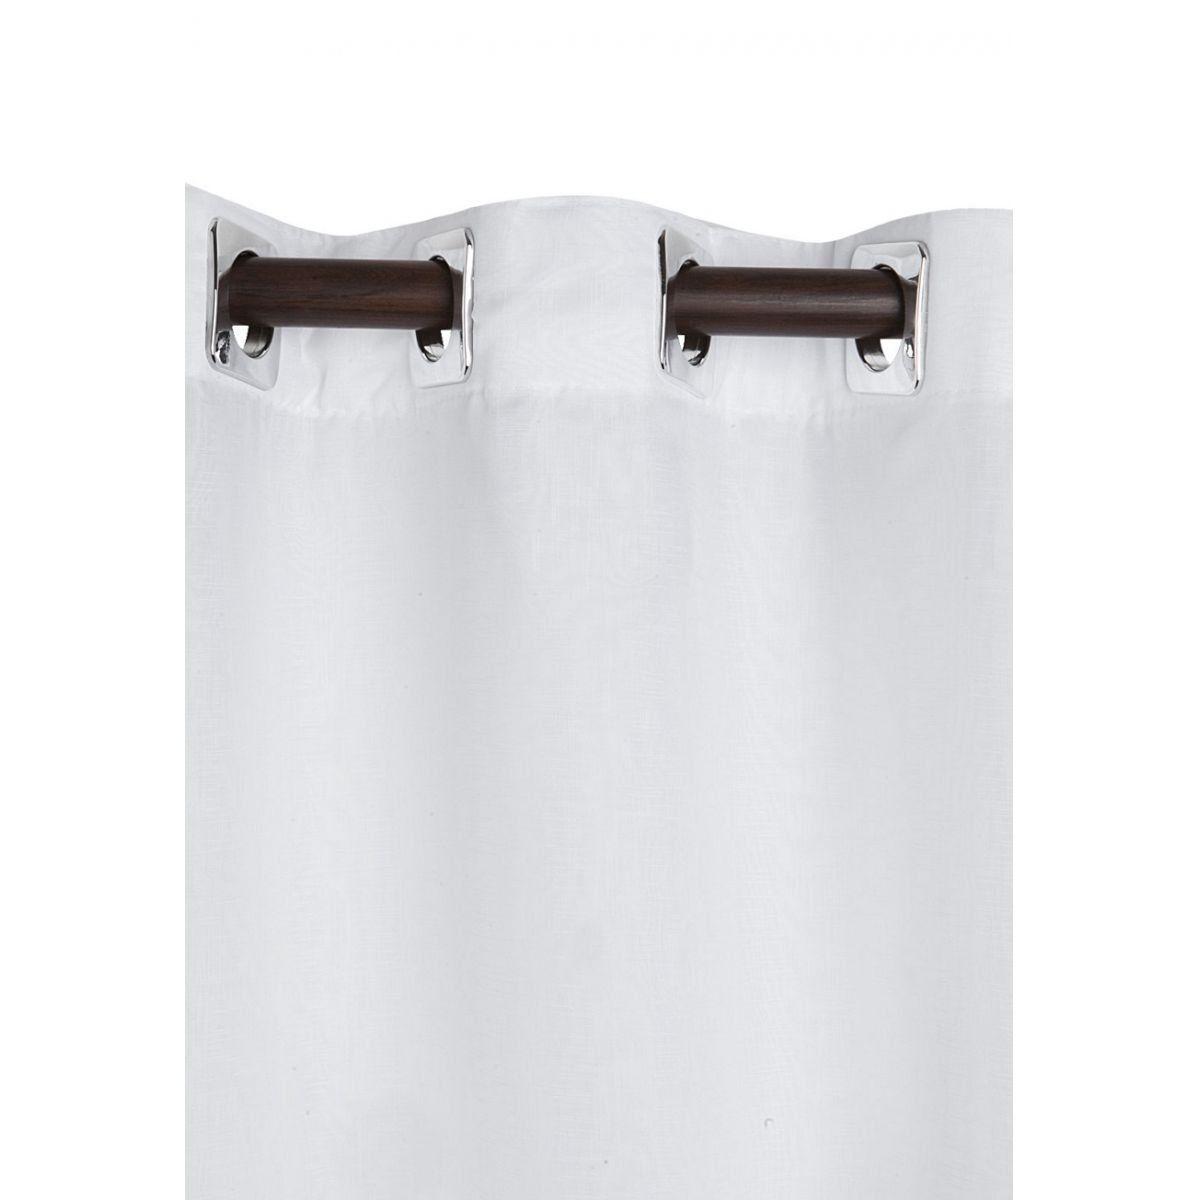 Cortina Blackout Sala/Quarto em Tecido  2,00 x 1,80 Branca  Admirare